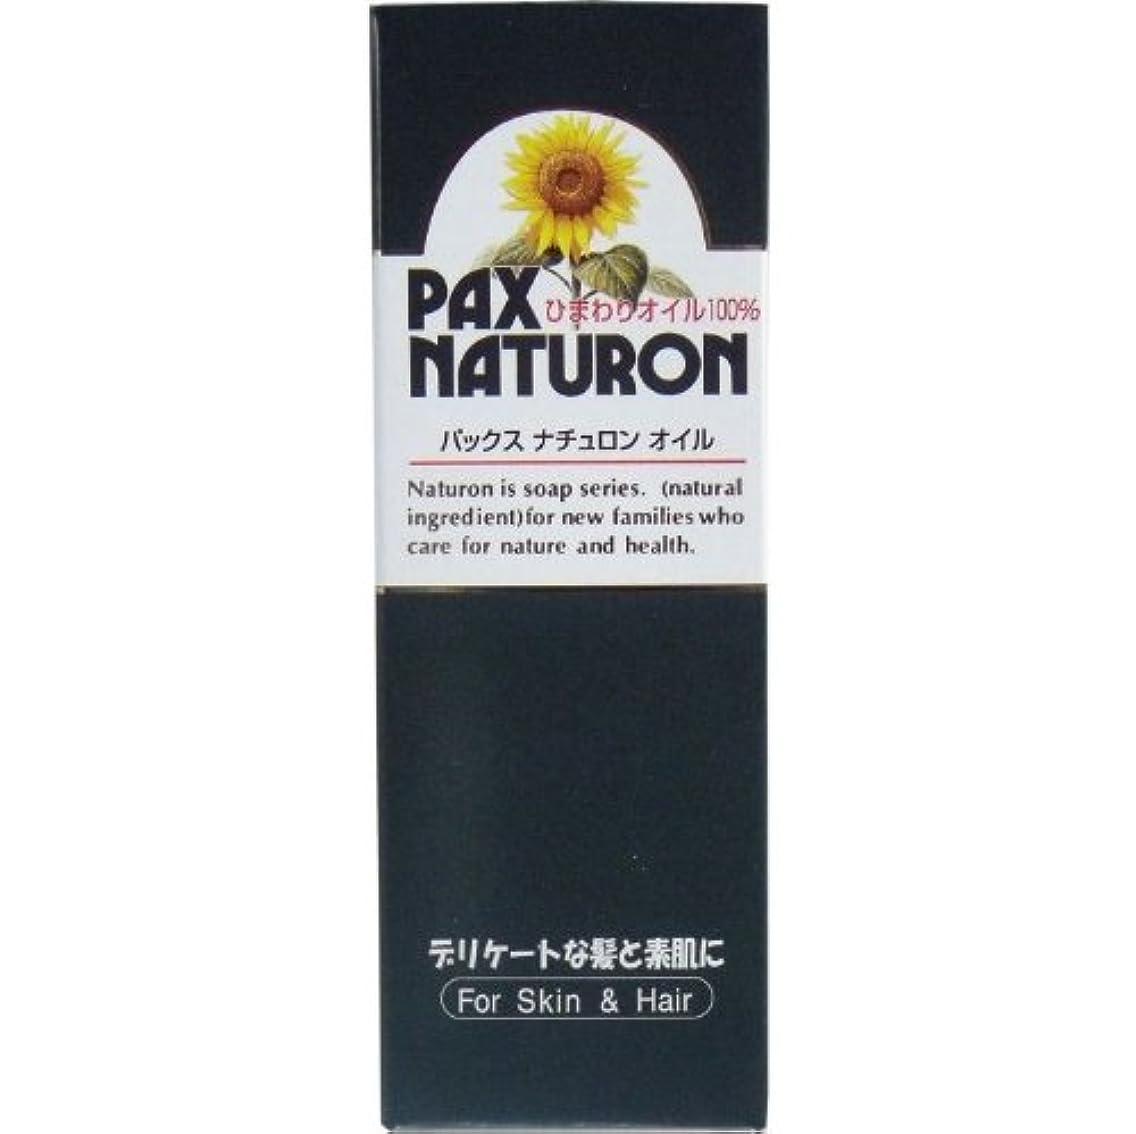 満州技術者薬を飲むデリケートな髪と素肌に!ひまわりの種子から採った ハイオレイックひまわり油 60mL【5個セット】